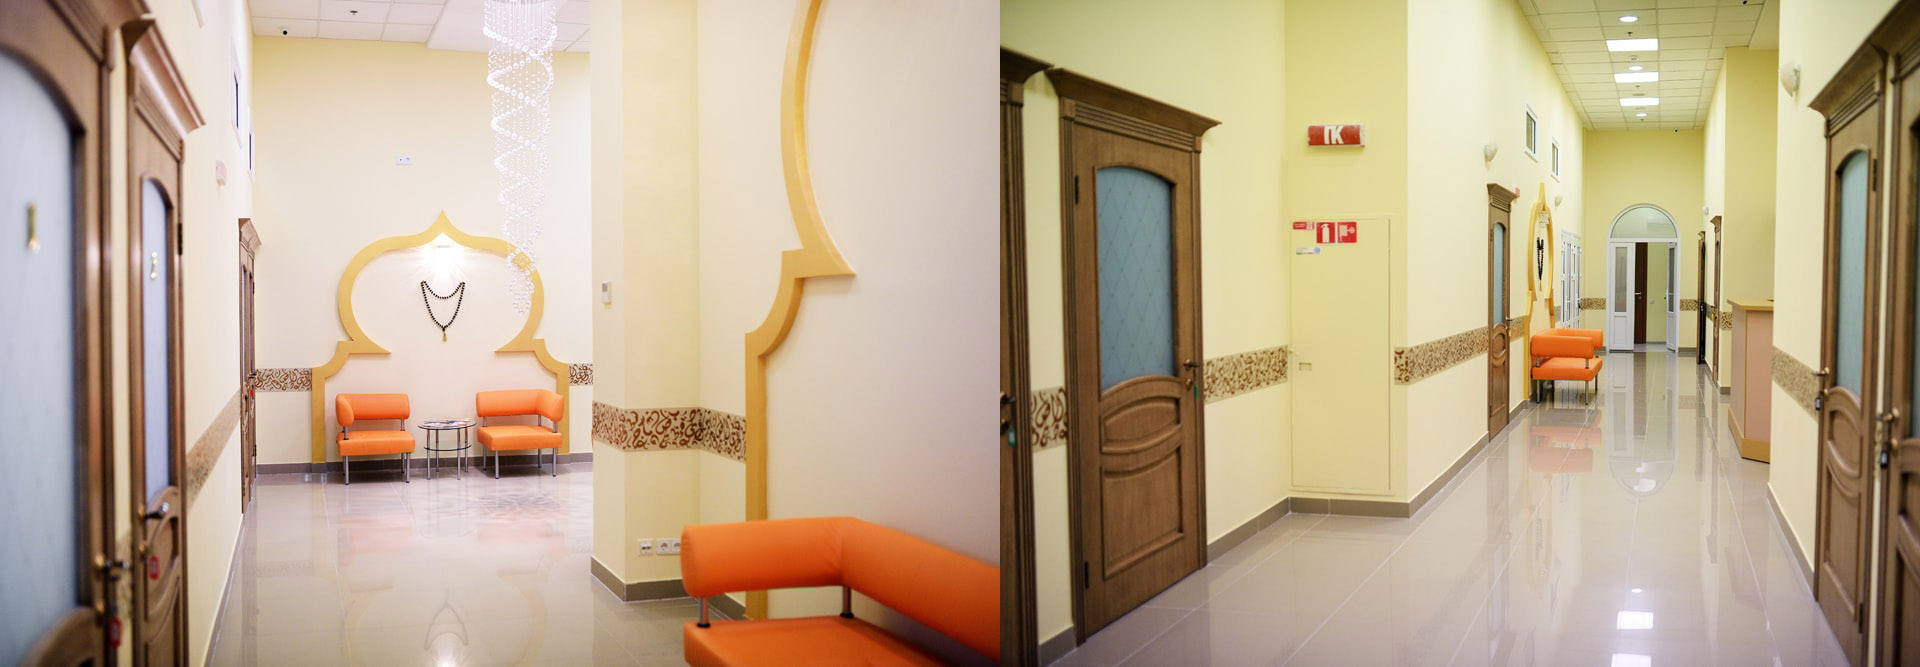 Дизайн интерьера медицинского центра Medical center interior design